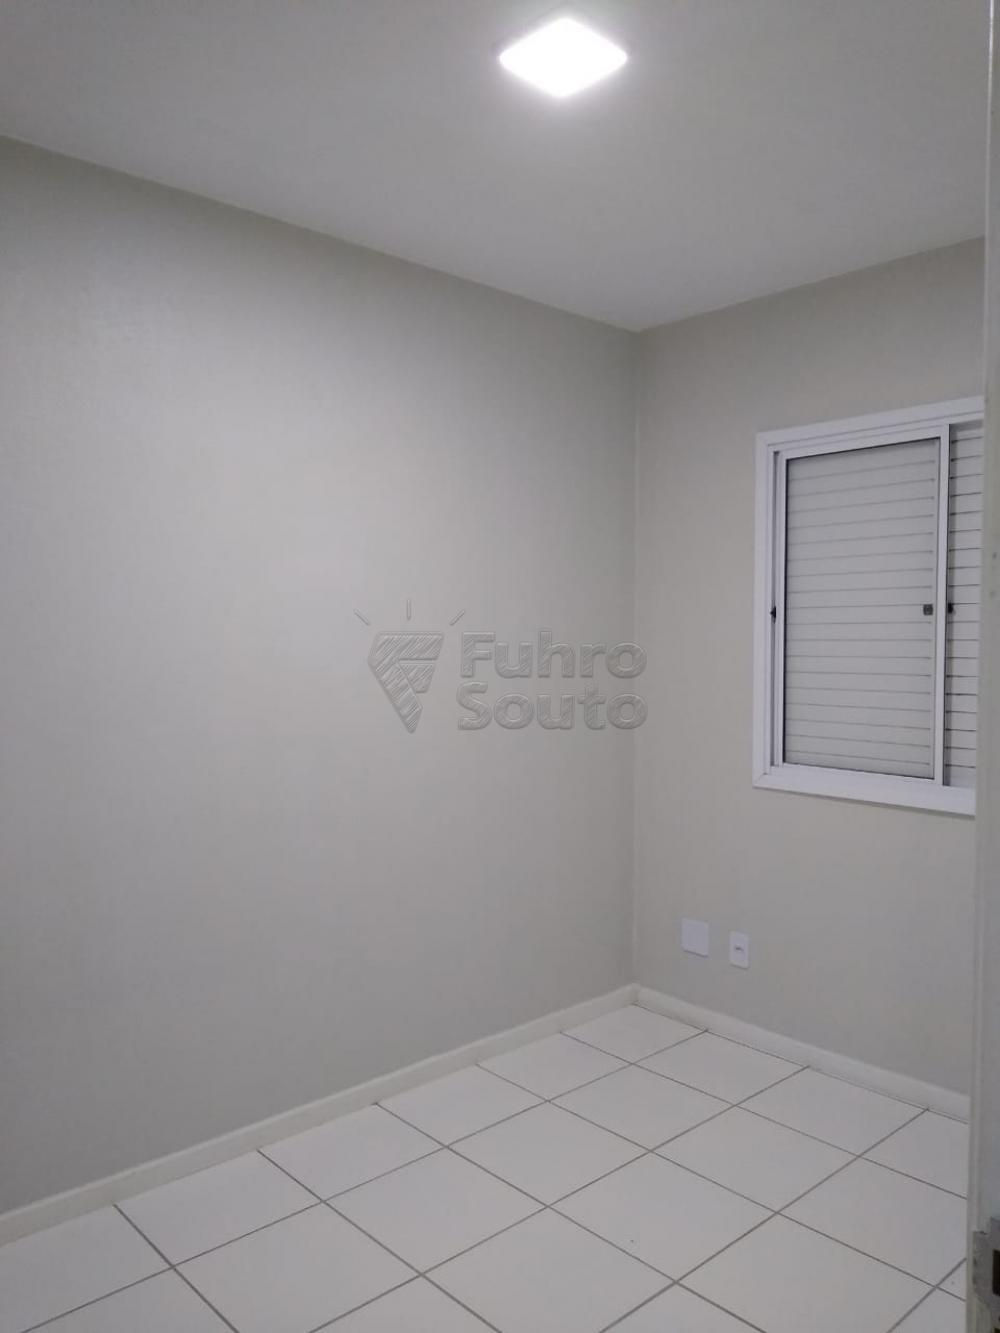 Alugar Casa / Condomínio em Pelotas R$ 700,00 - Foto 5